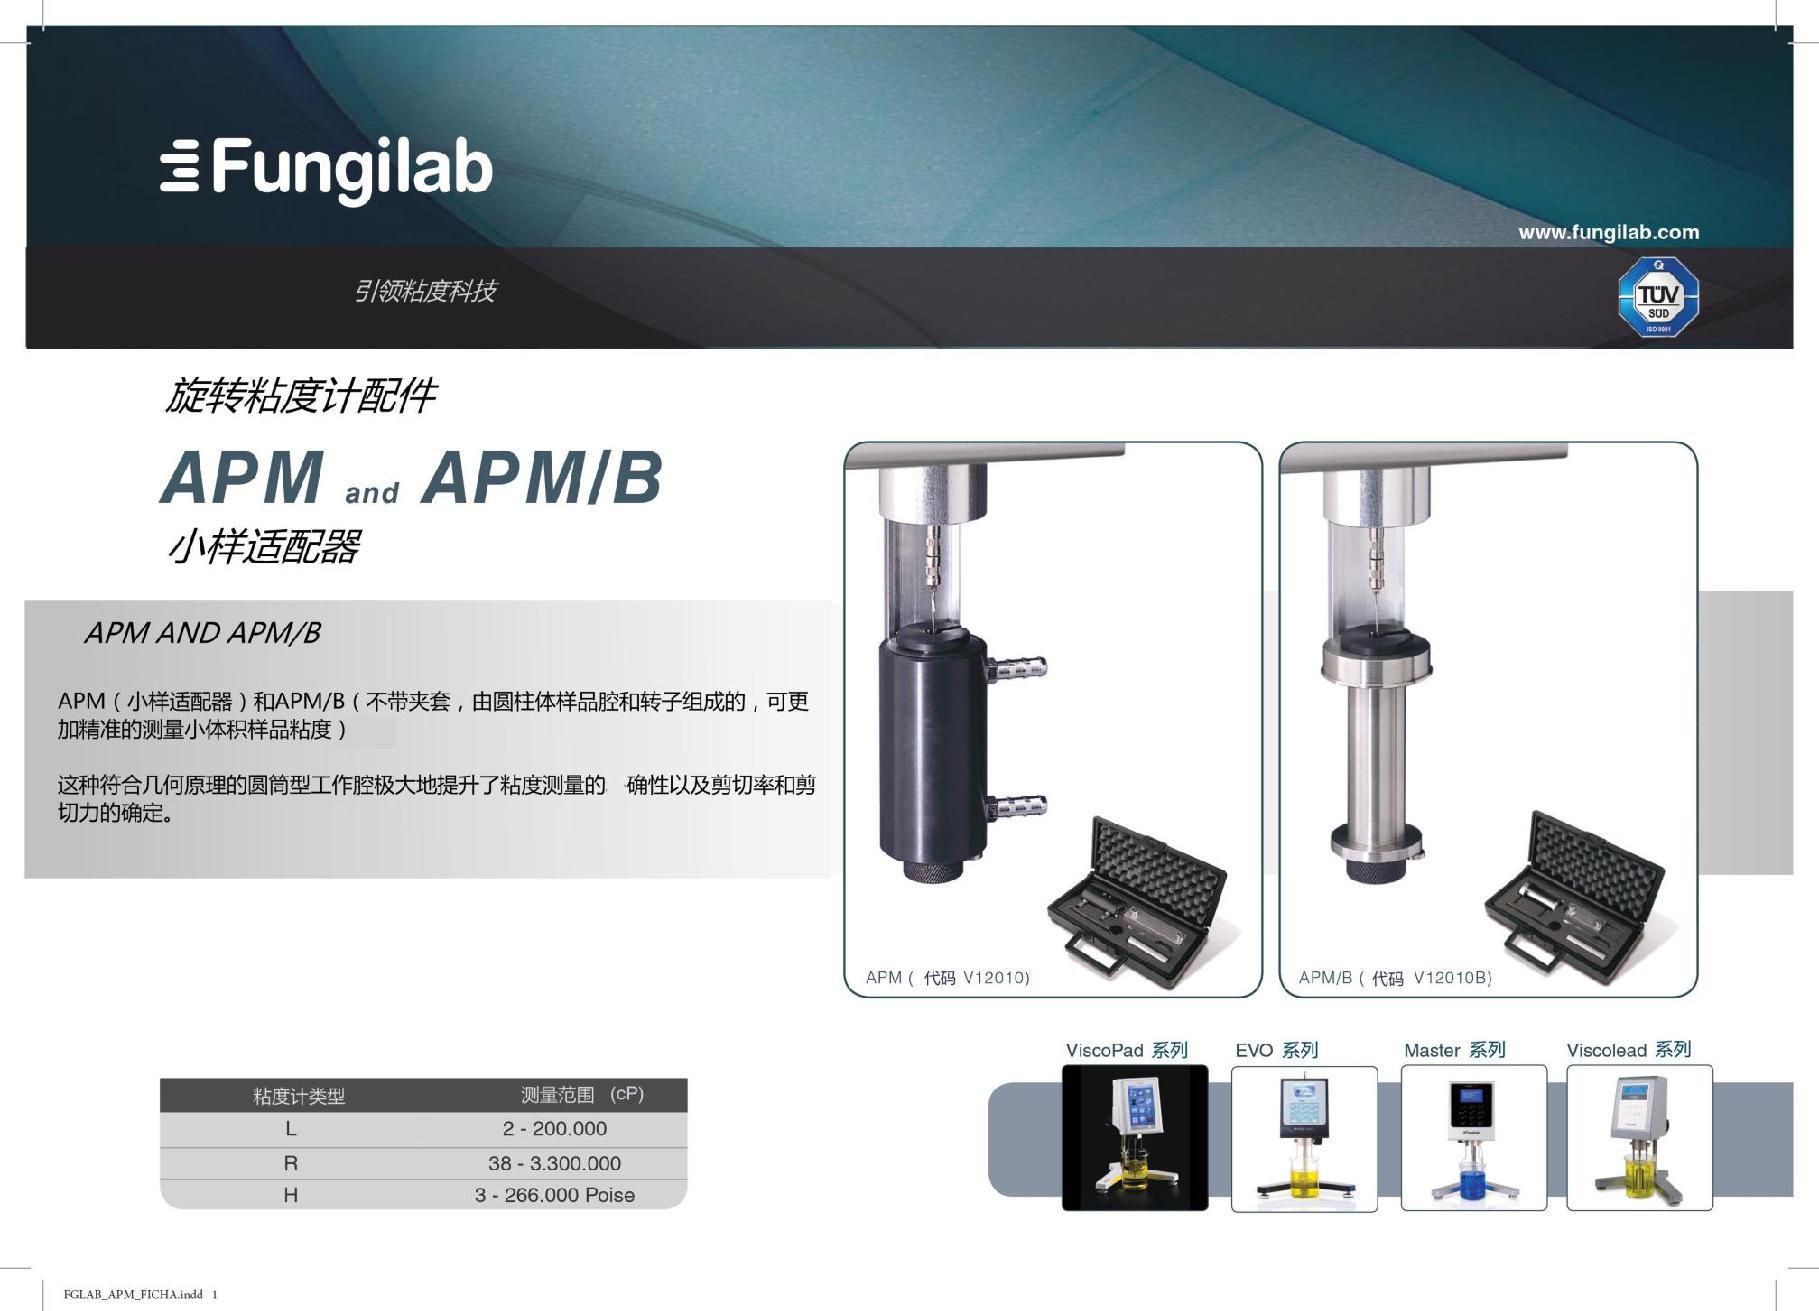 小量样品适配器 APM/B